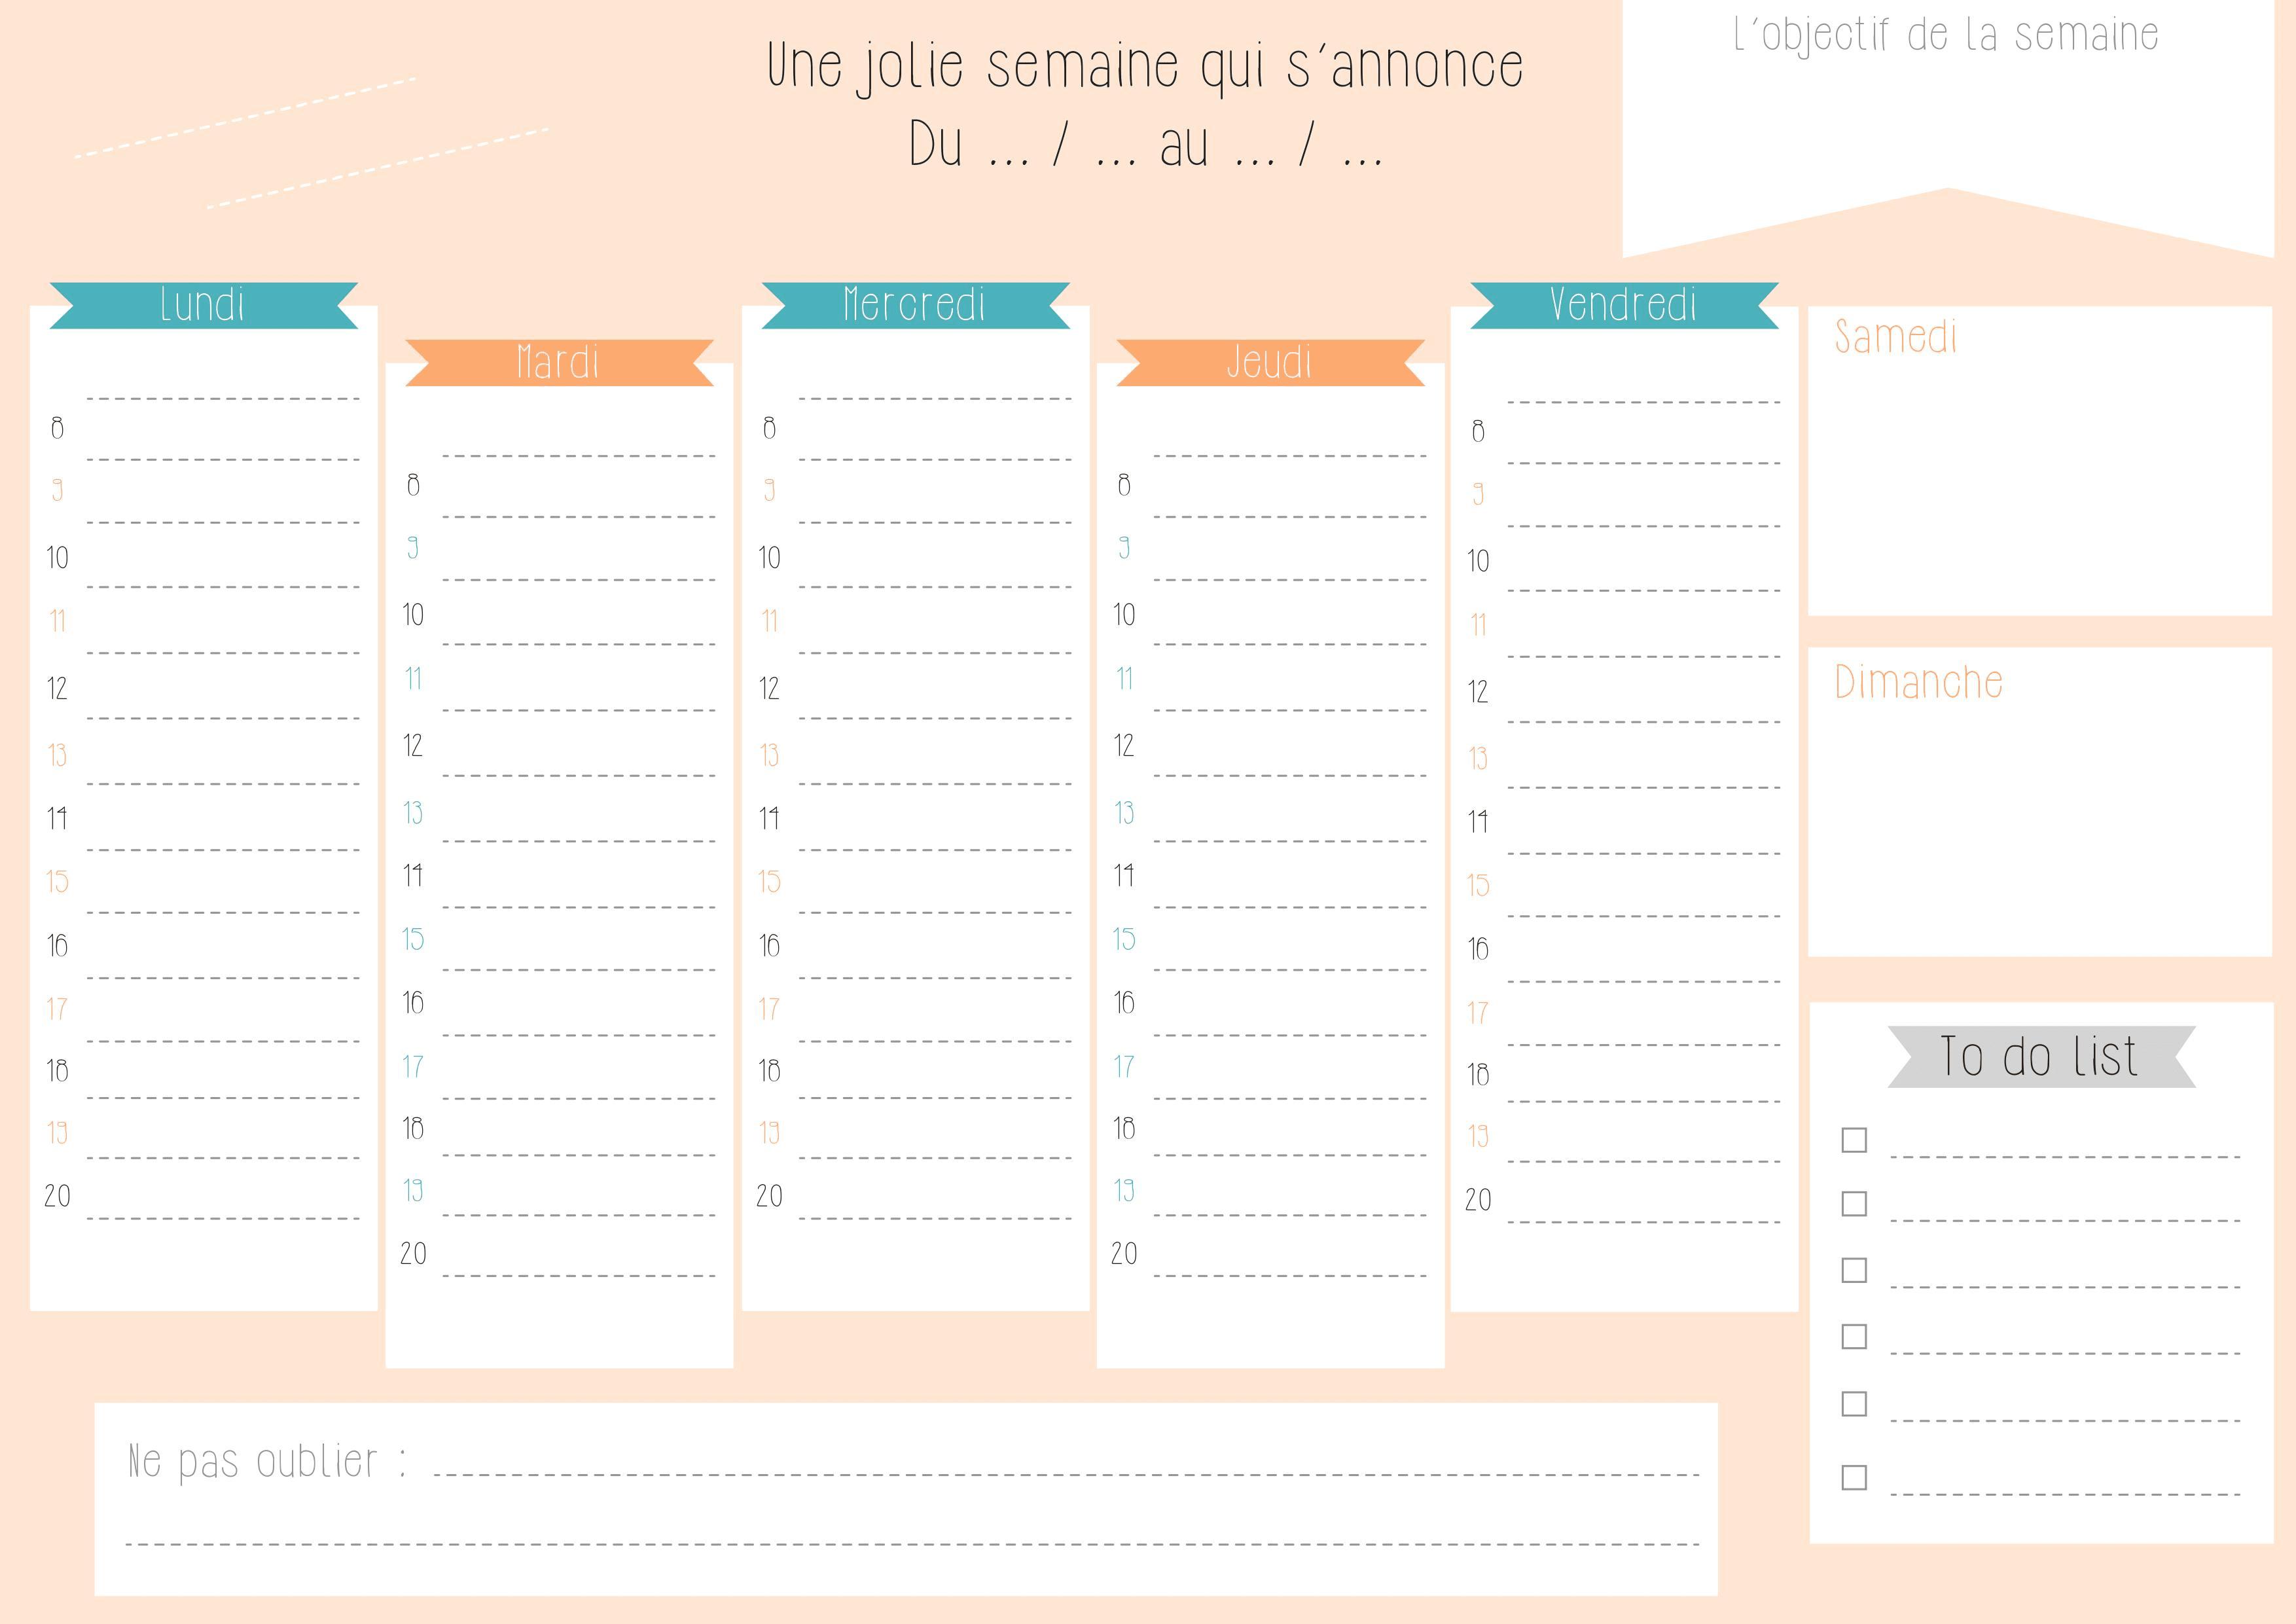 Exceptionnel Planning de semaine et agenda à imprimer gratuitement - Partie #1. DS73